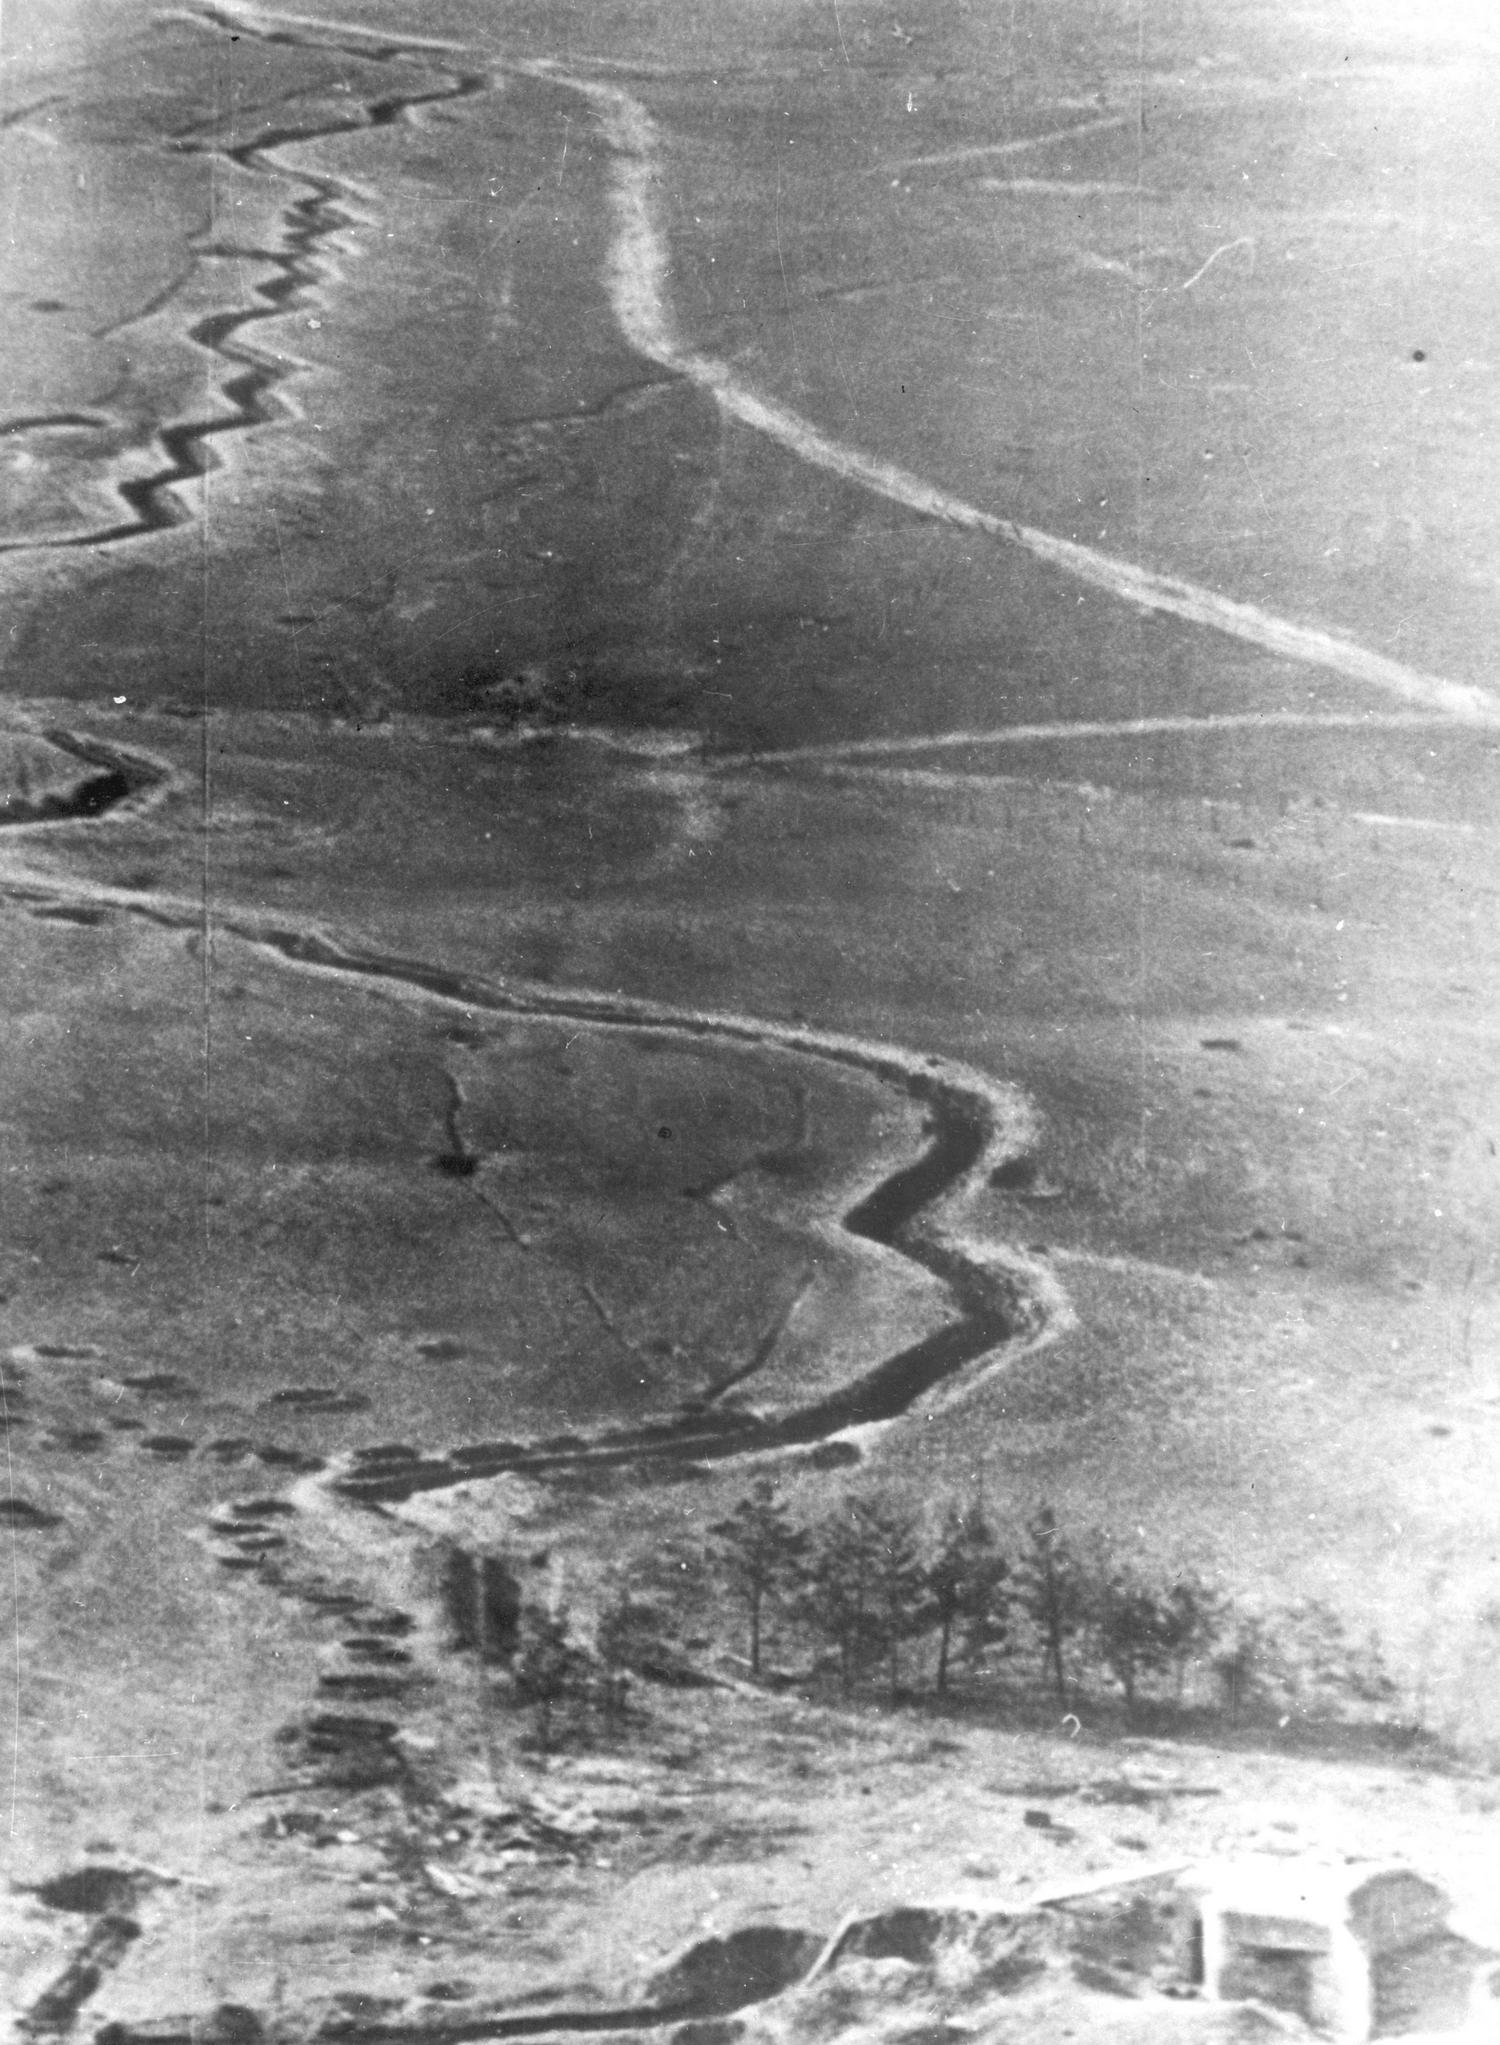 Polskie okopy w rejonie Mławy na zdjęciu lotniczym z września 1939 roku.